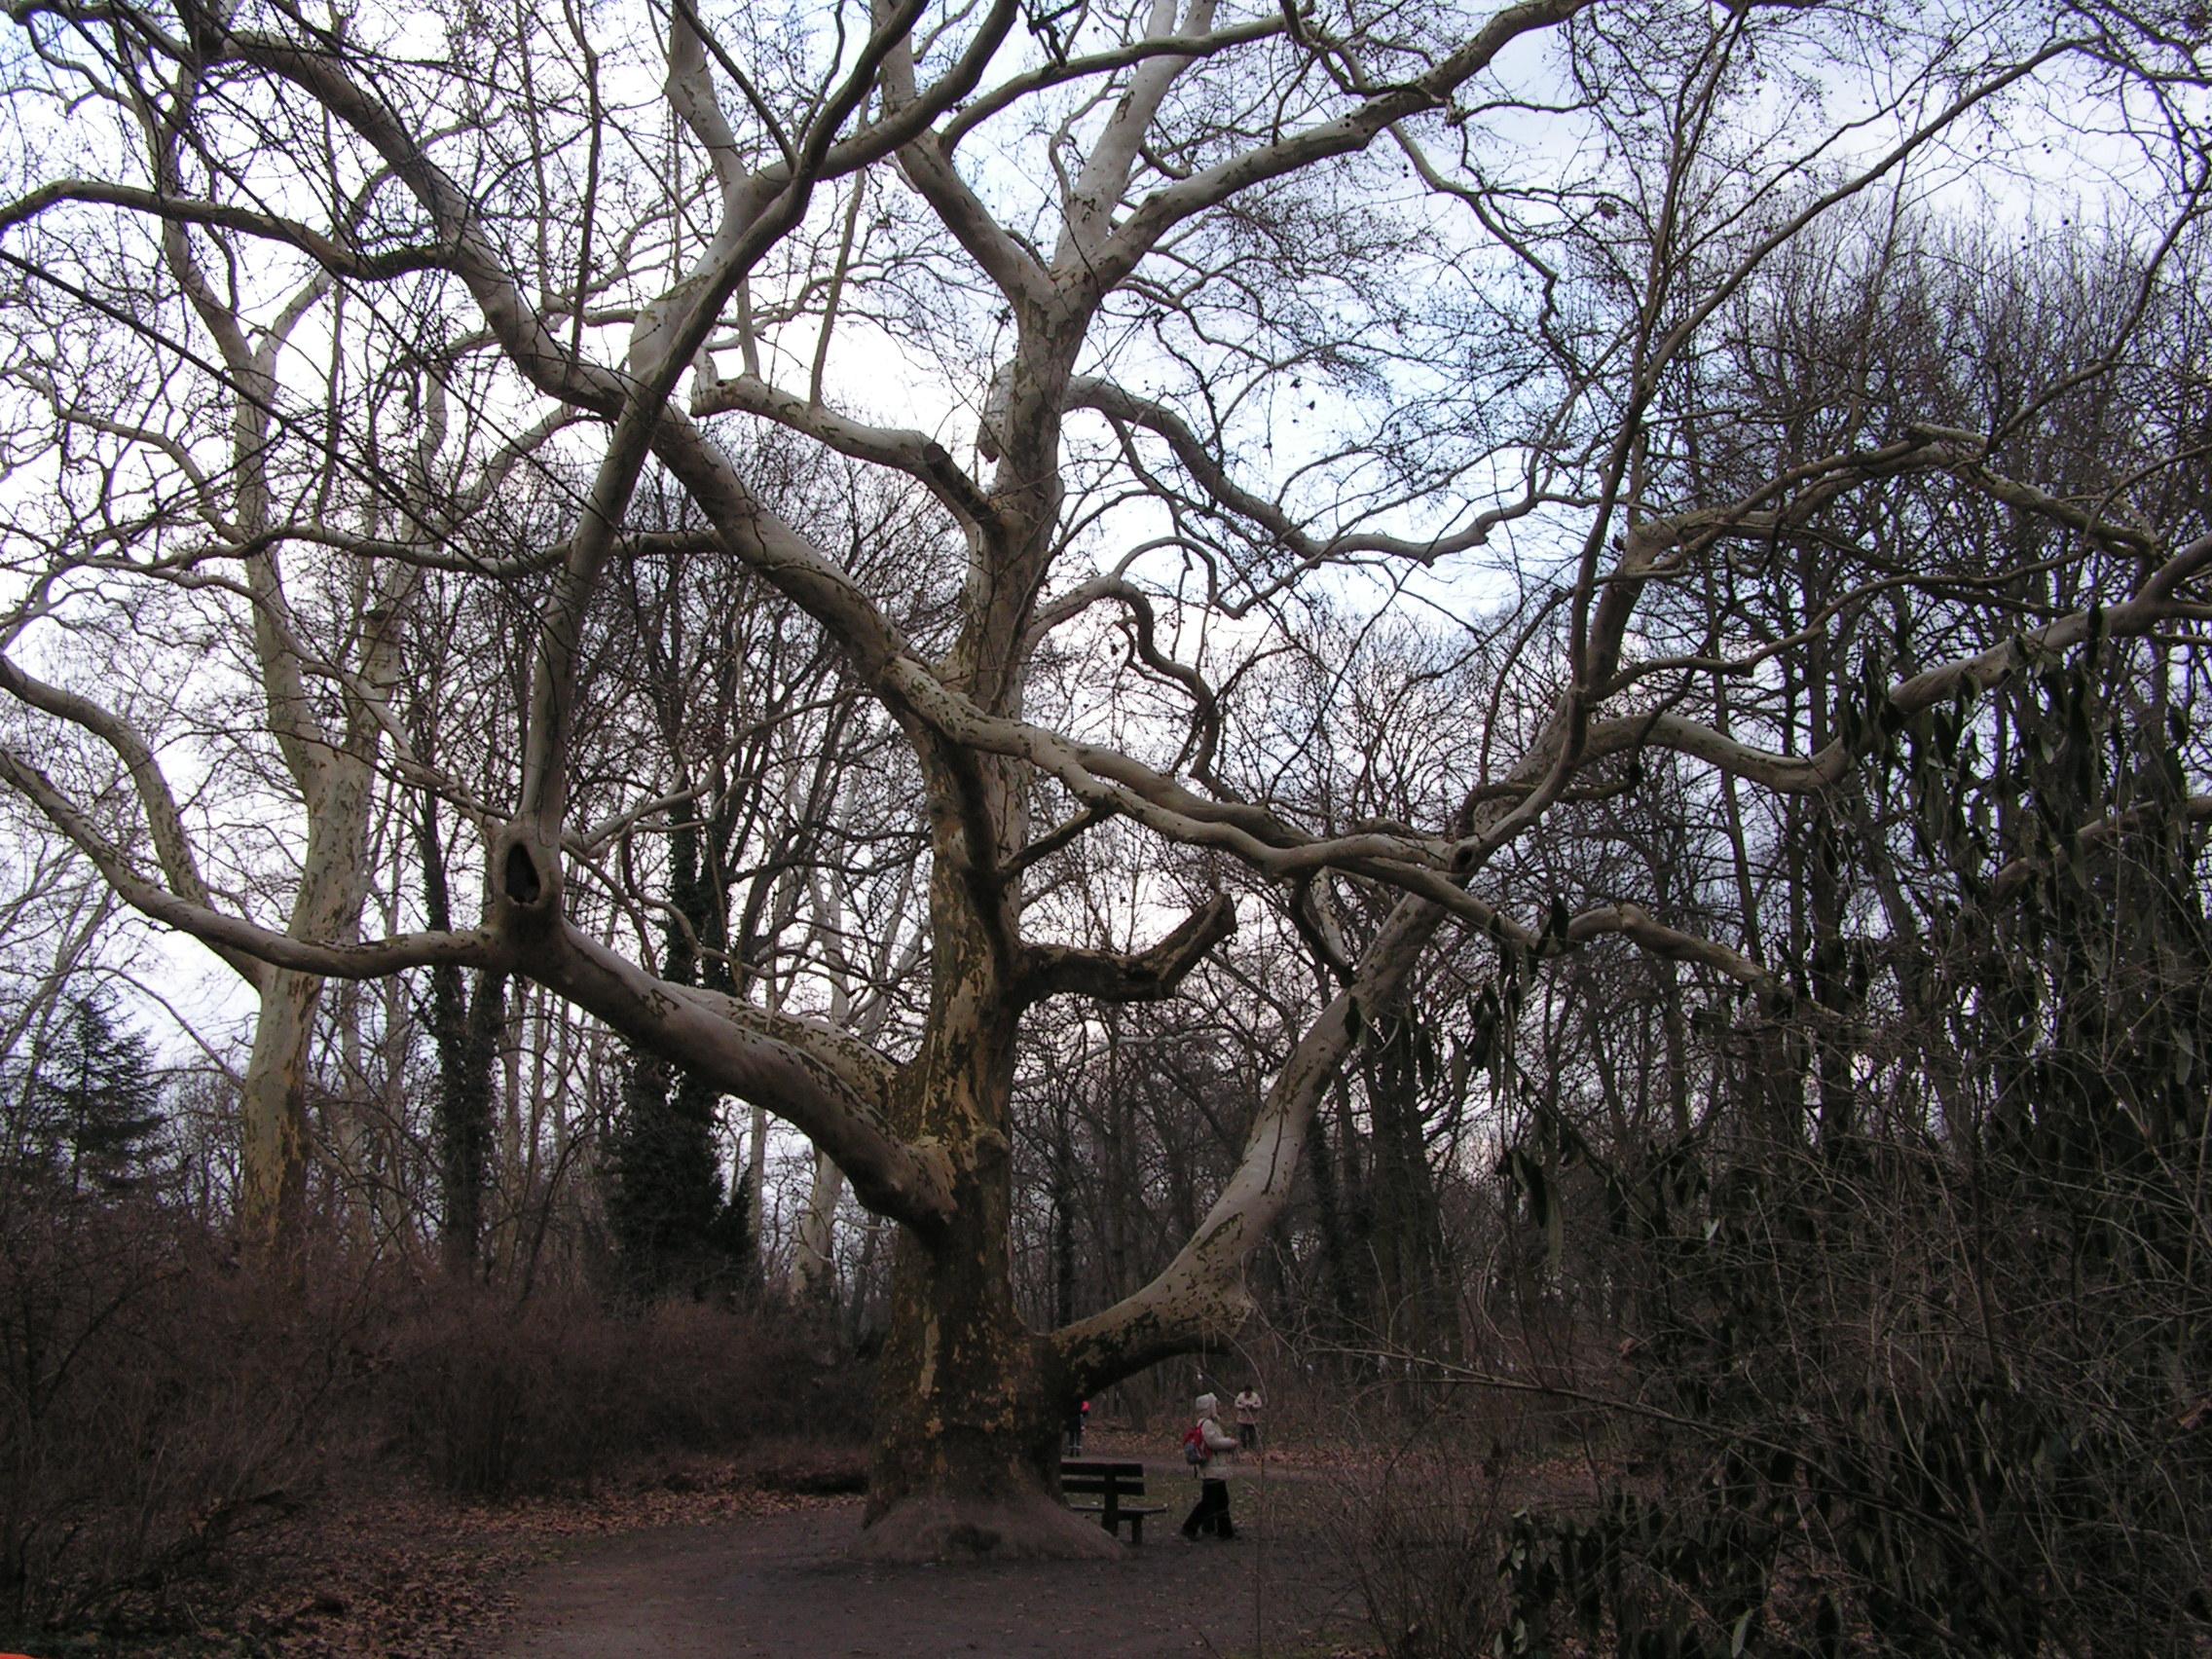 Egy gyönyörű platán fa (ez már nem a szigeten van)